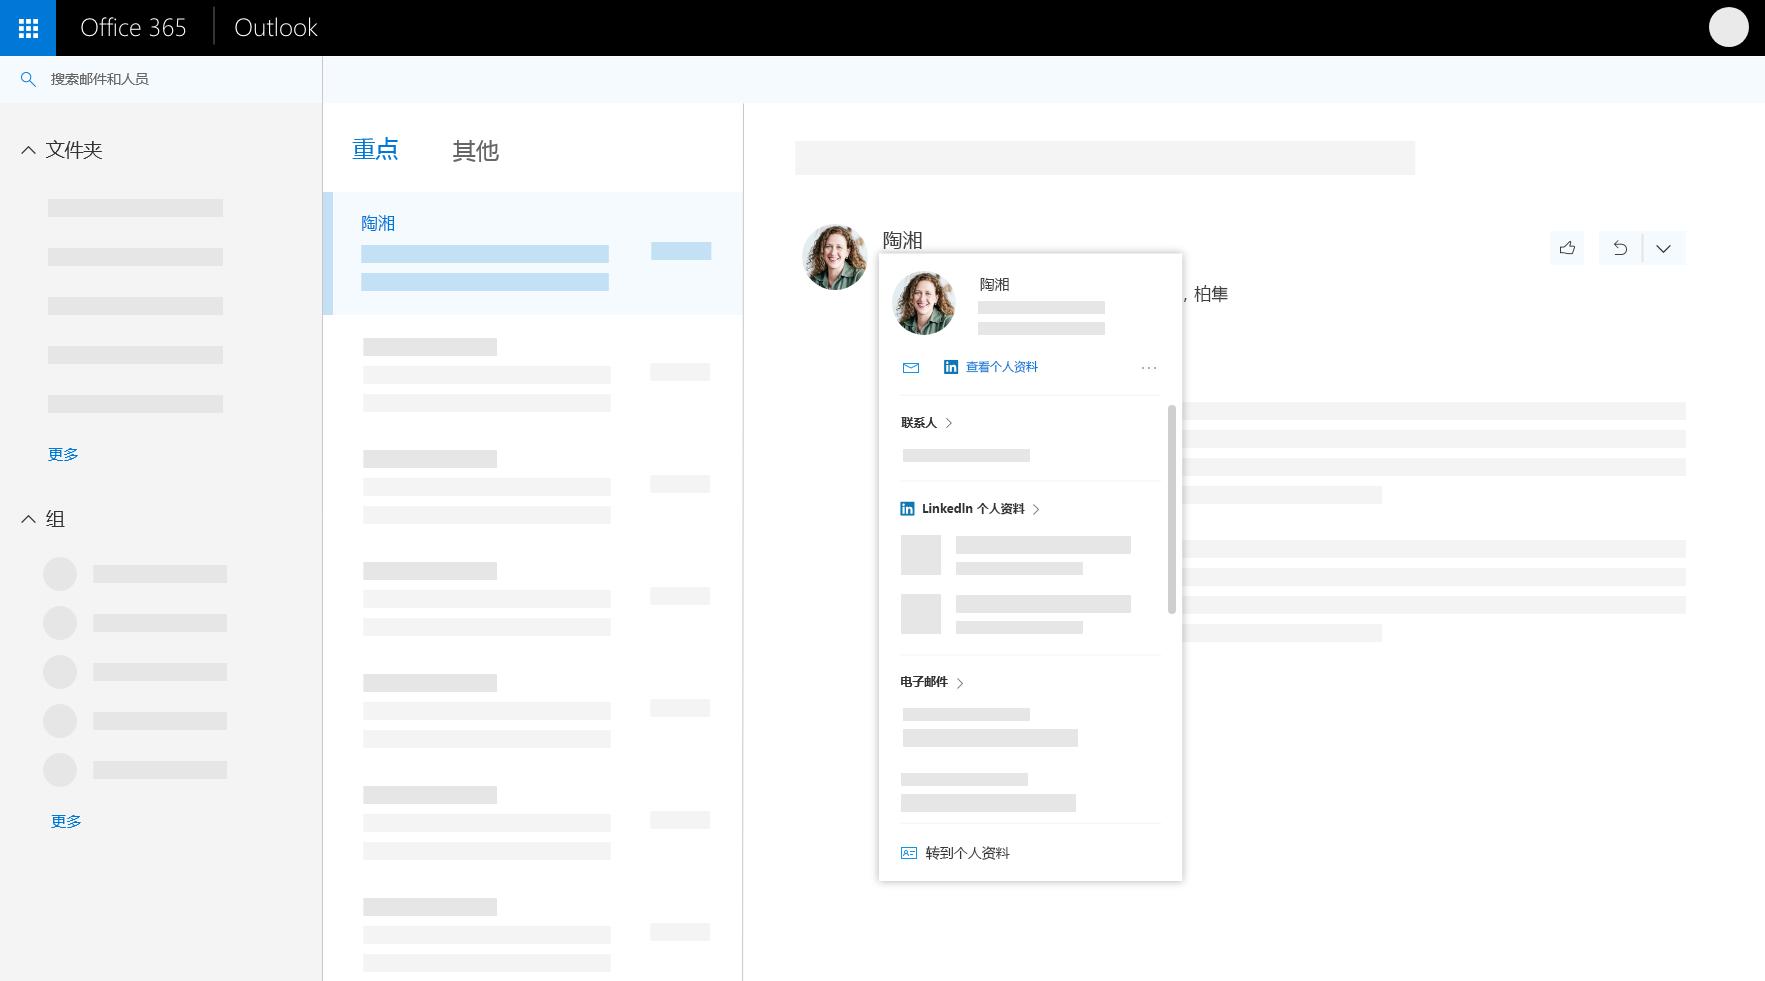 在 Outlook 网页版中的配置文件片